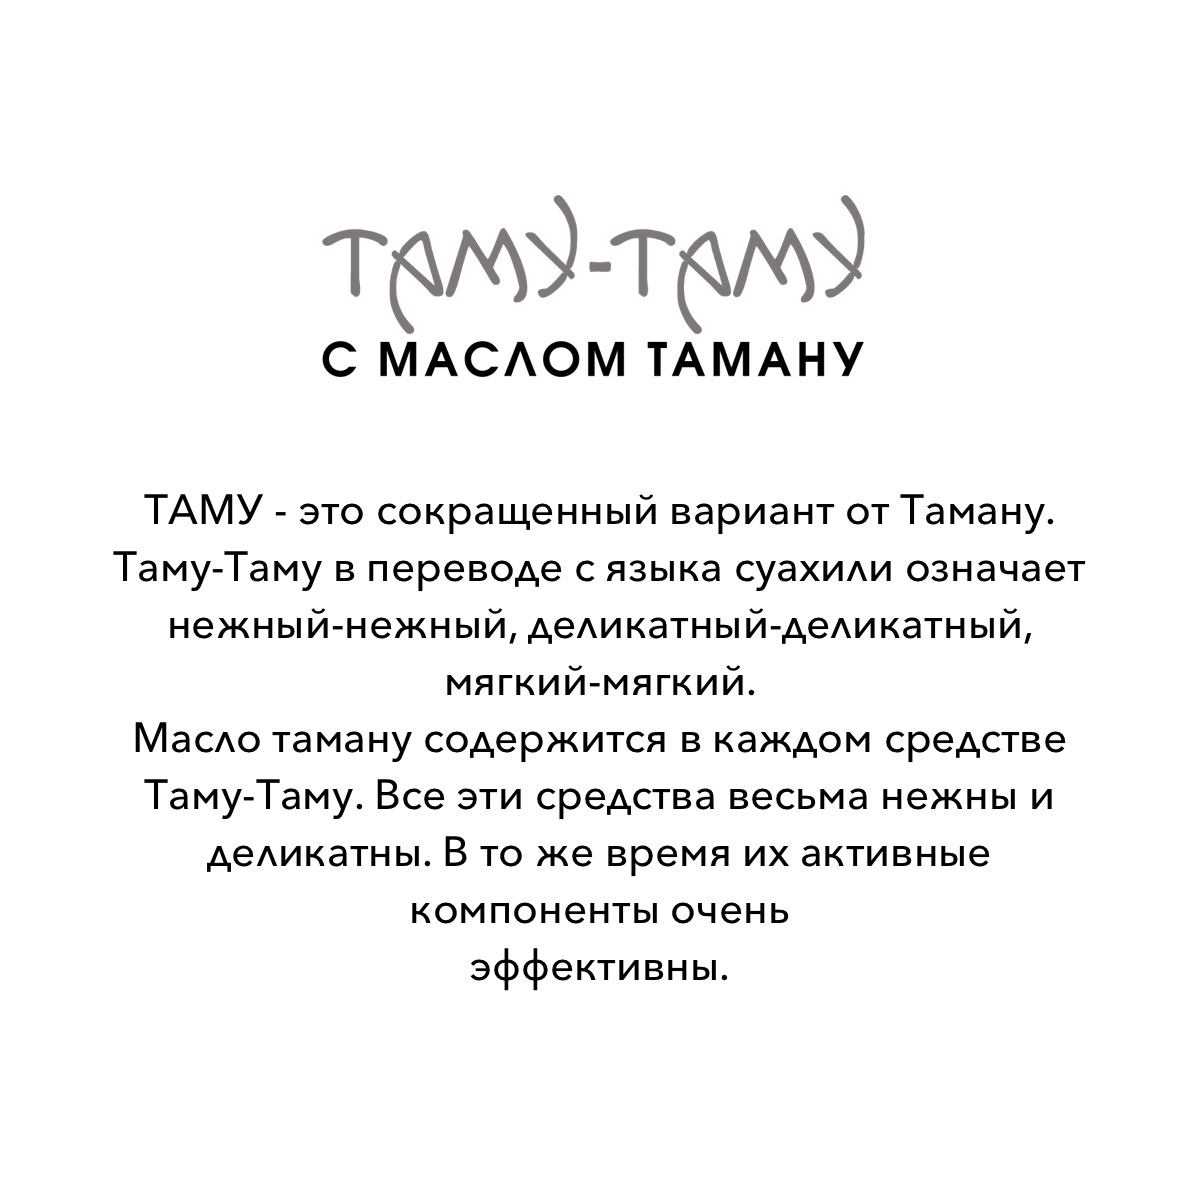 Крем Детский Таму-Таму с маслом Таману 10г